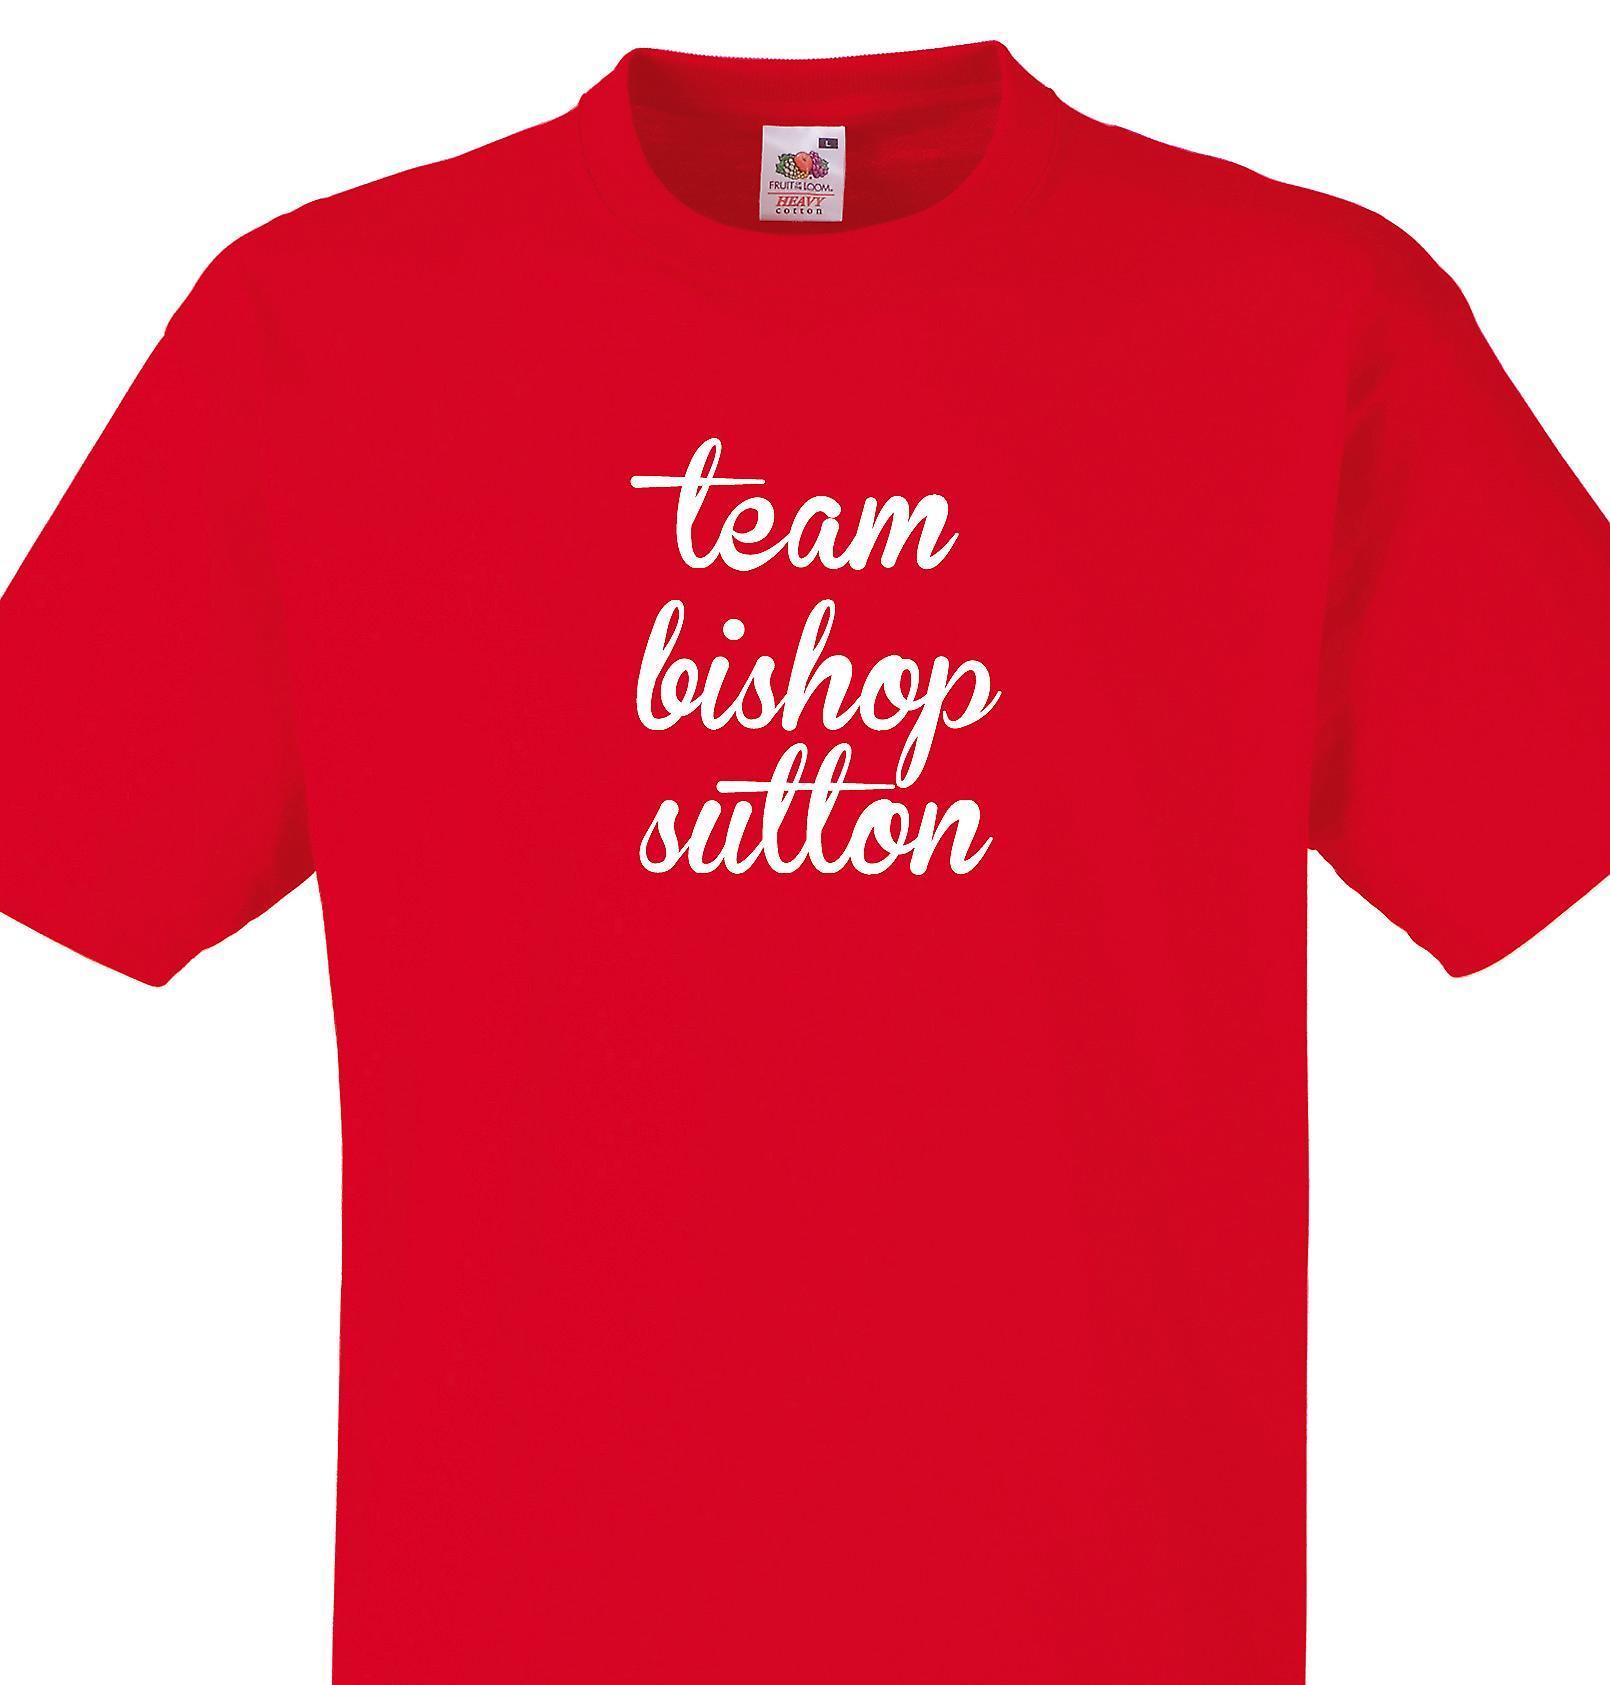 Team Bishop sutton Red T shirt